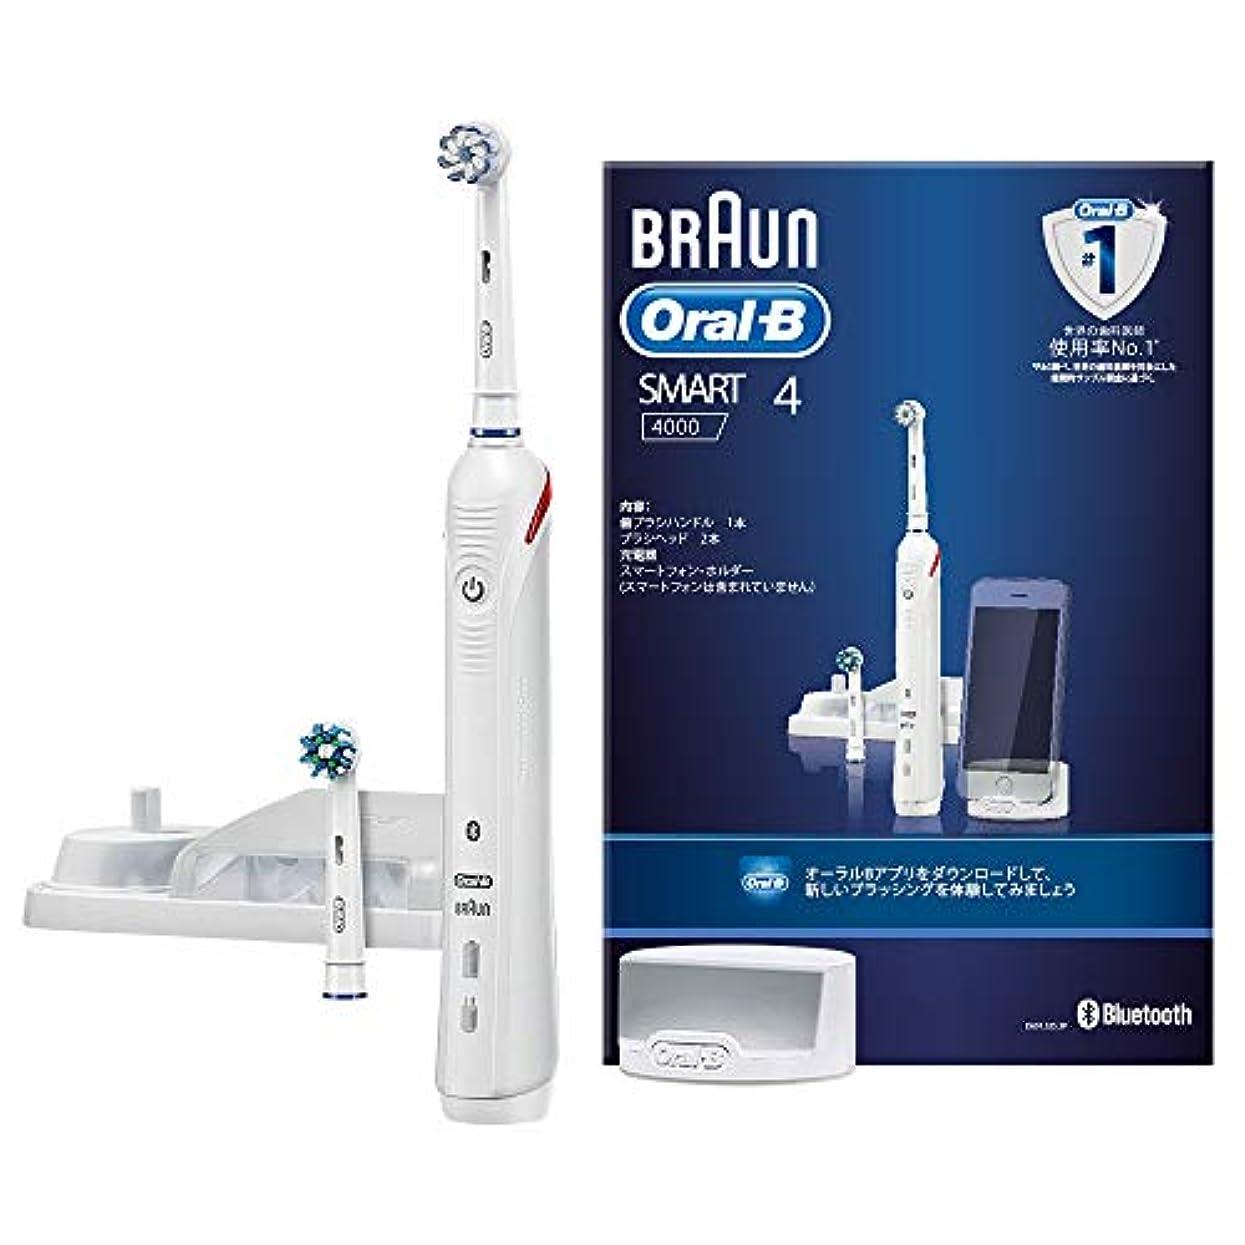 不純分子サロンブラウン オーラルB 電動歯ブラシ スマート4000 D6015253P